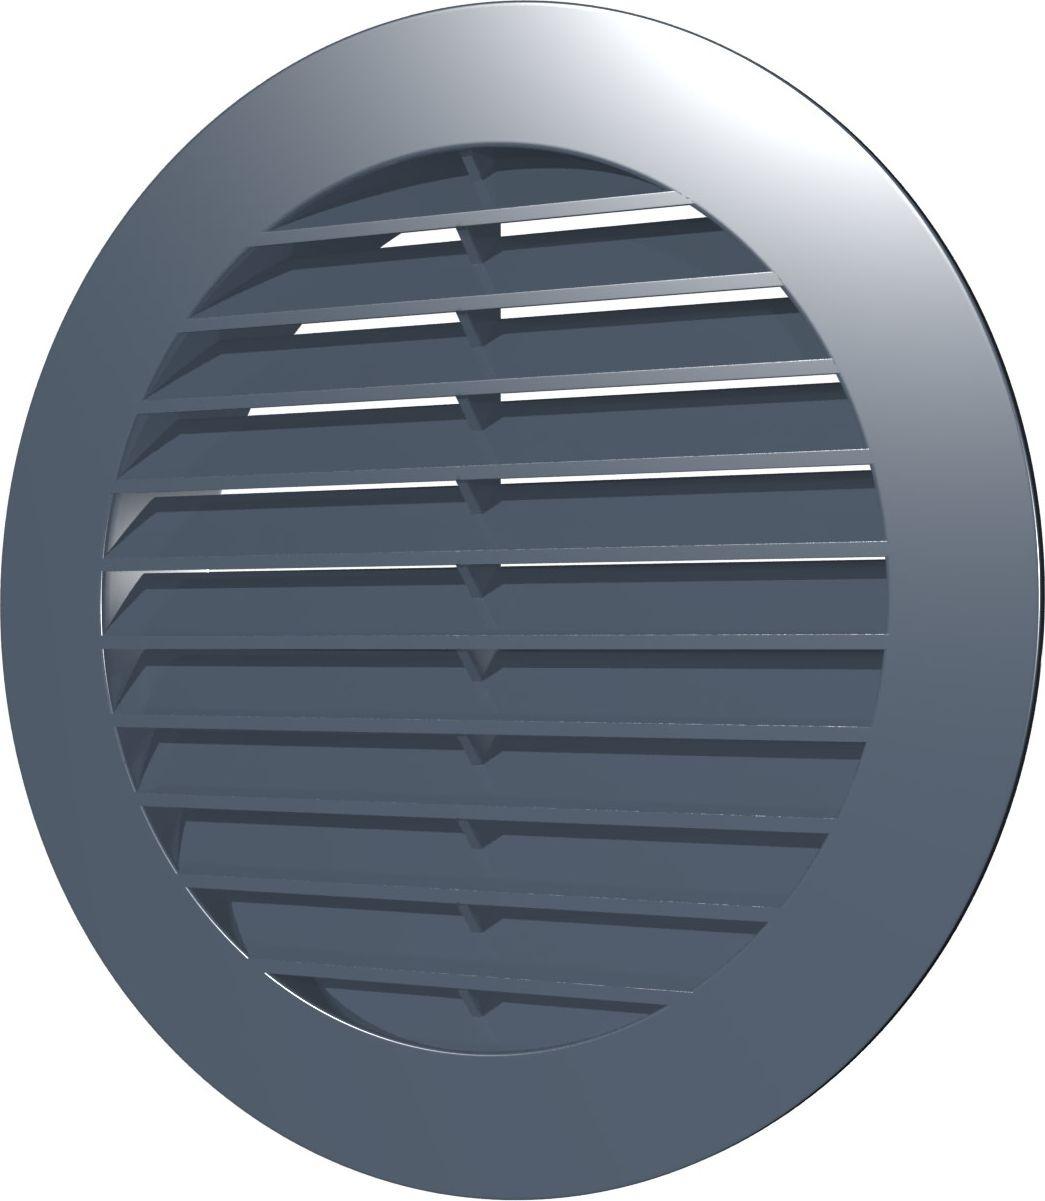 Вентиляционная решетка Street Line, 15РКН, серый, наружная, круглая, с фланцем